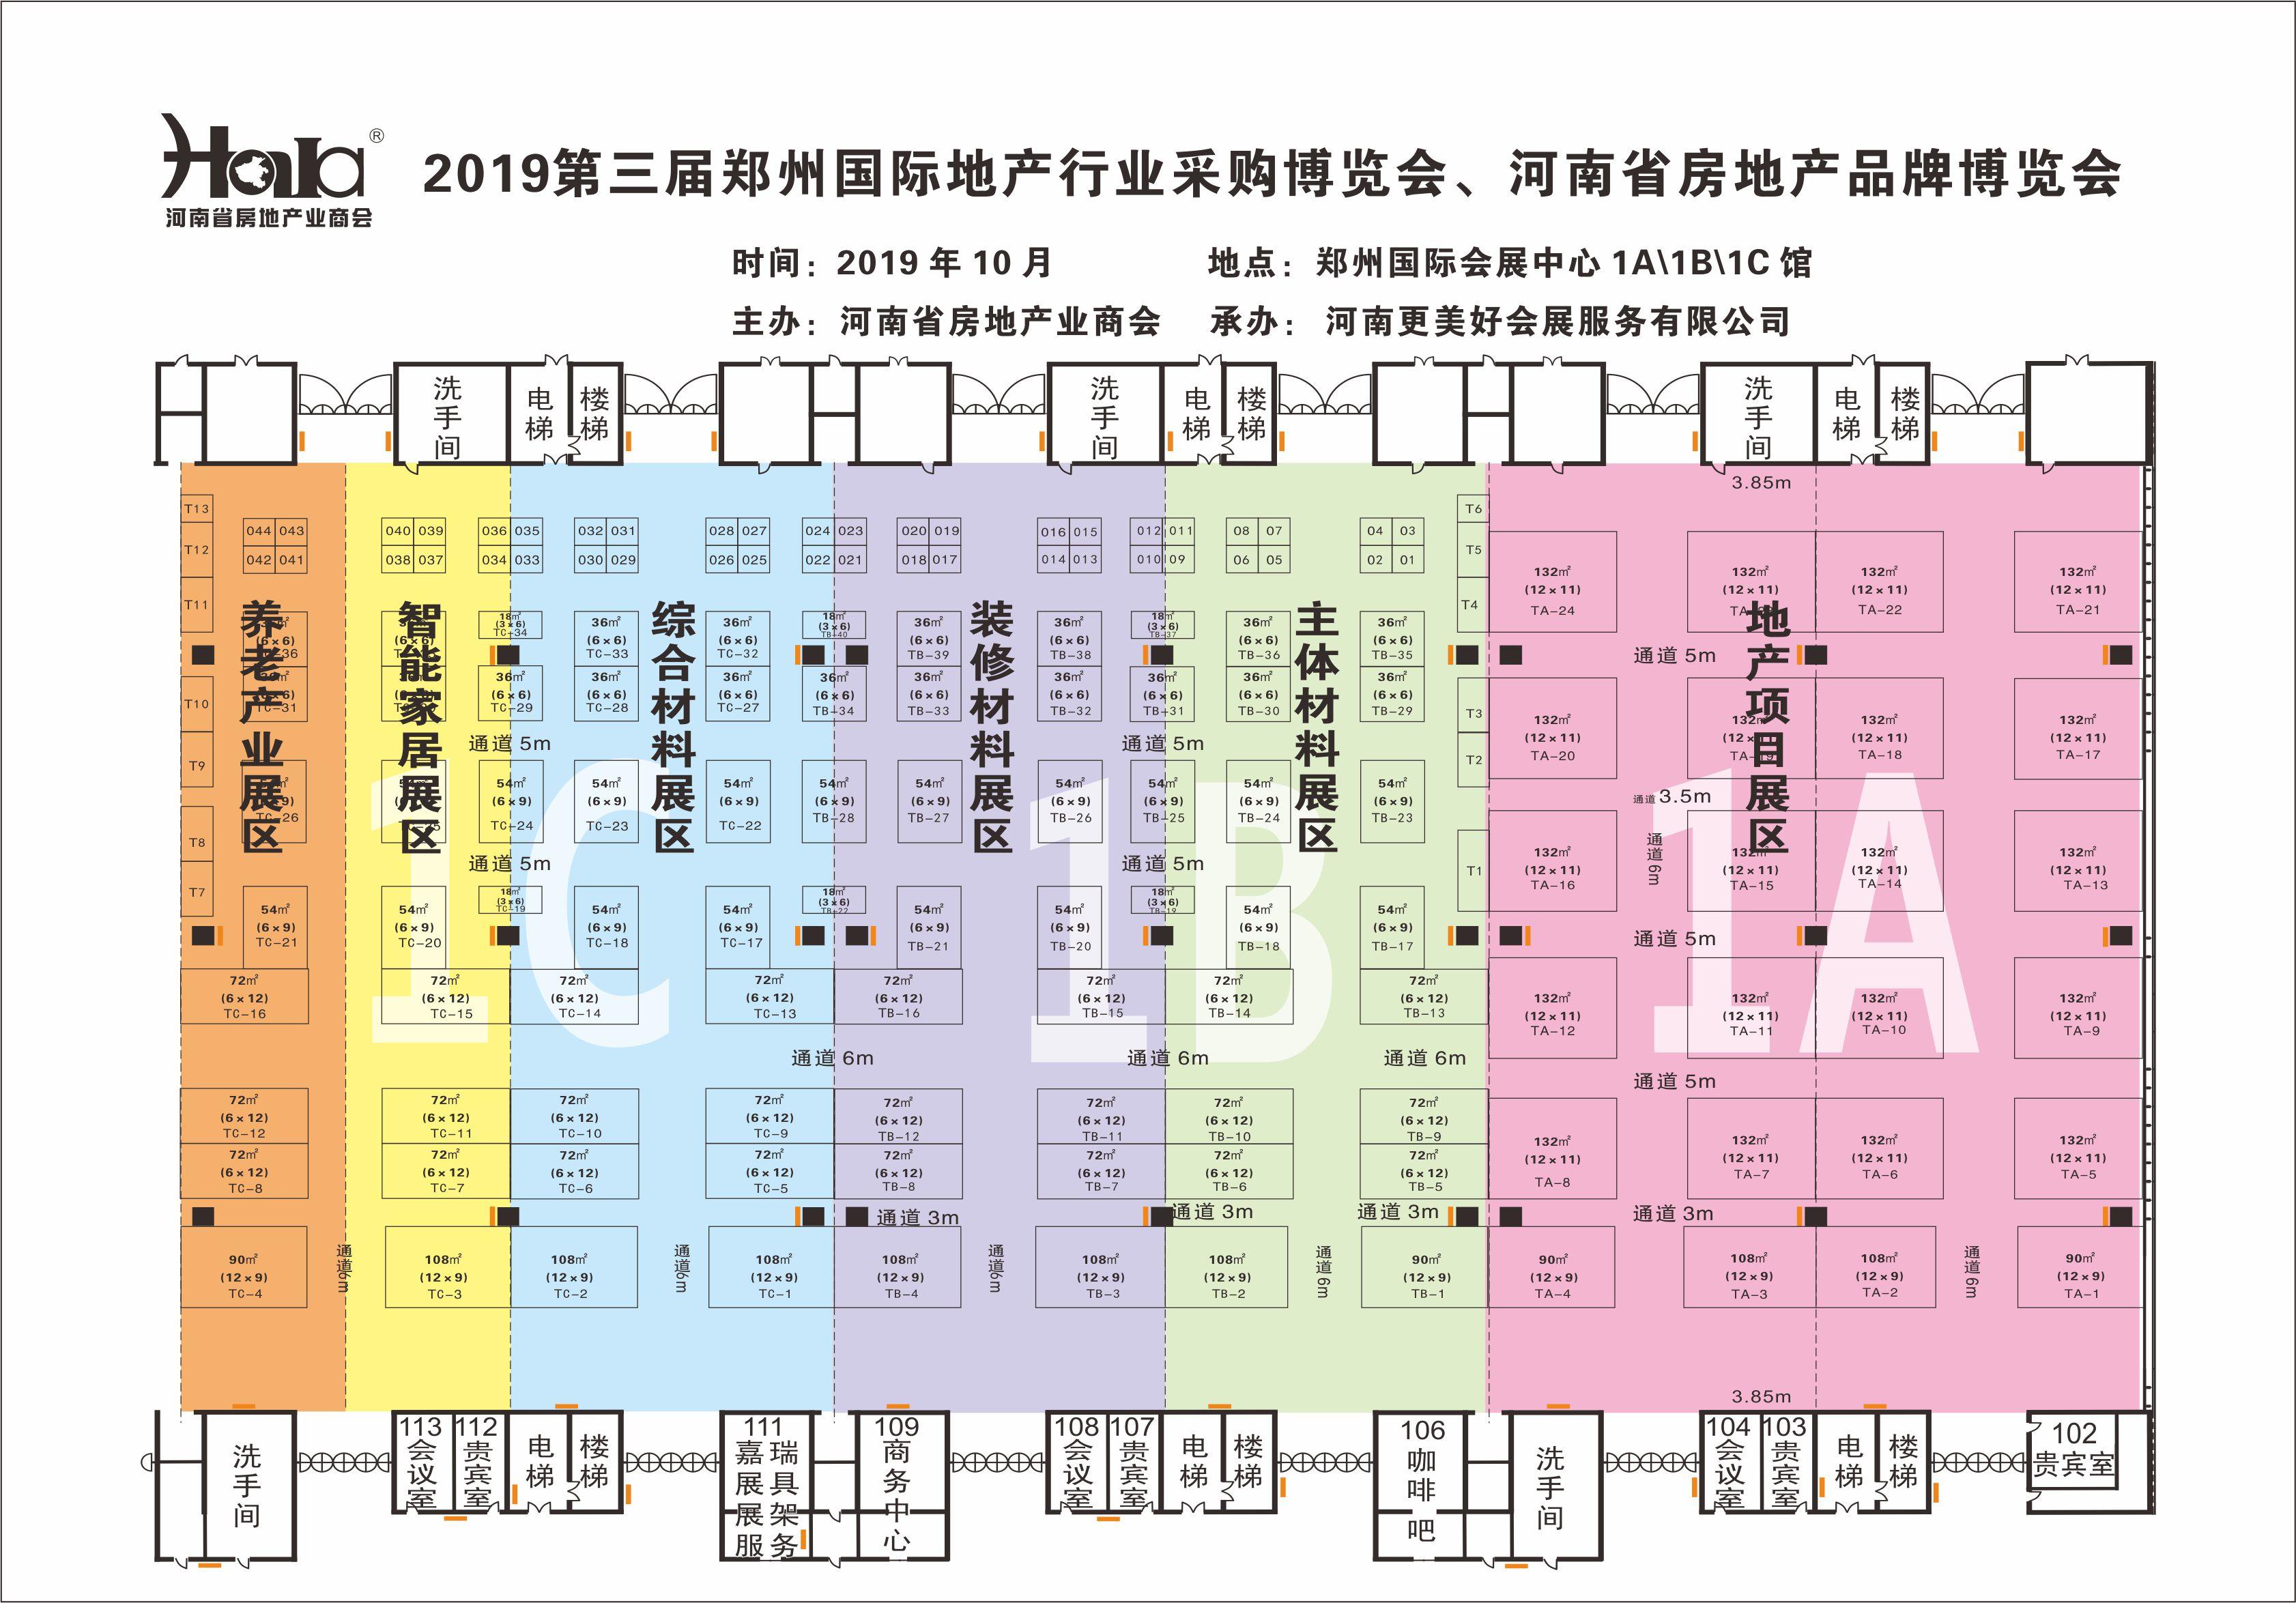 2019第三届中国(郑州)国际房地产业博览会